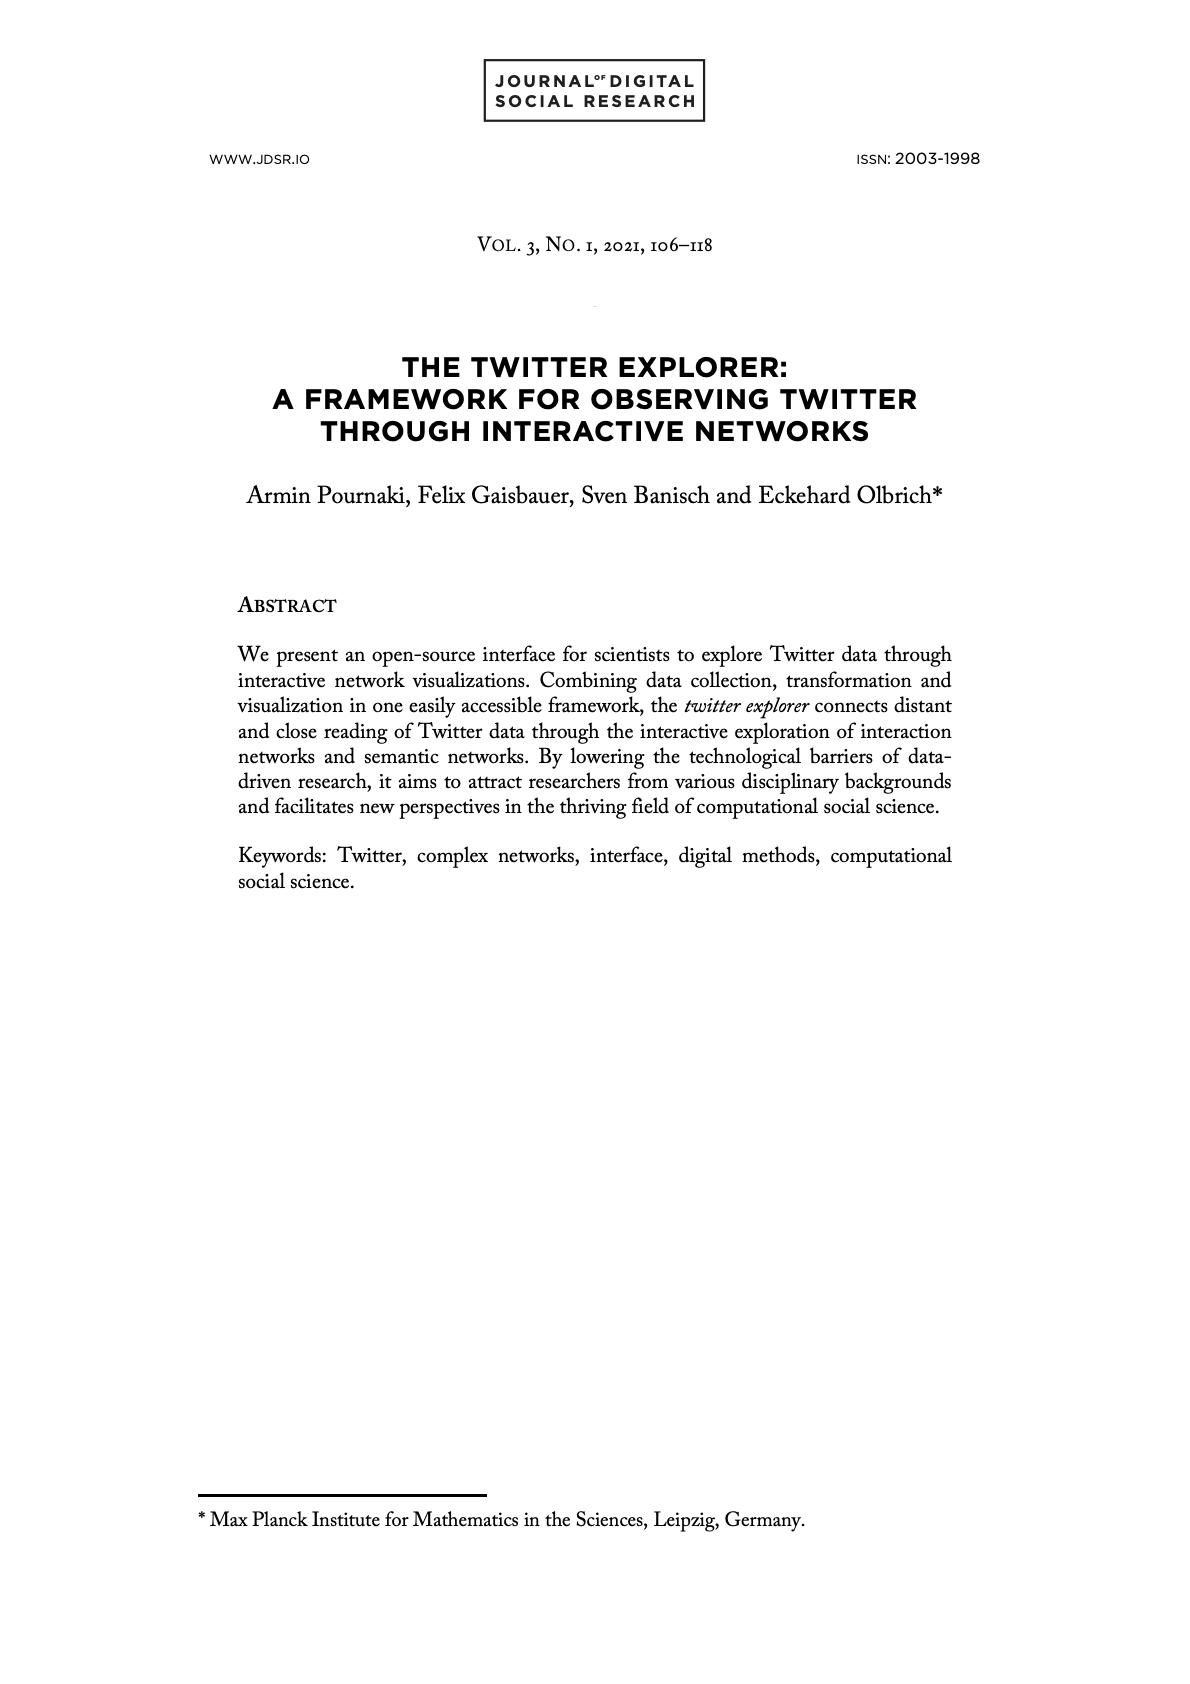 Pournaki et al cover image